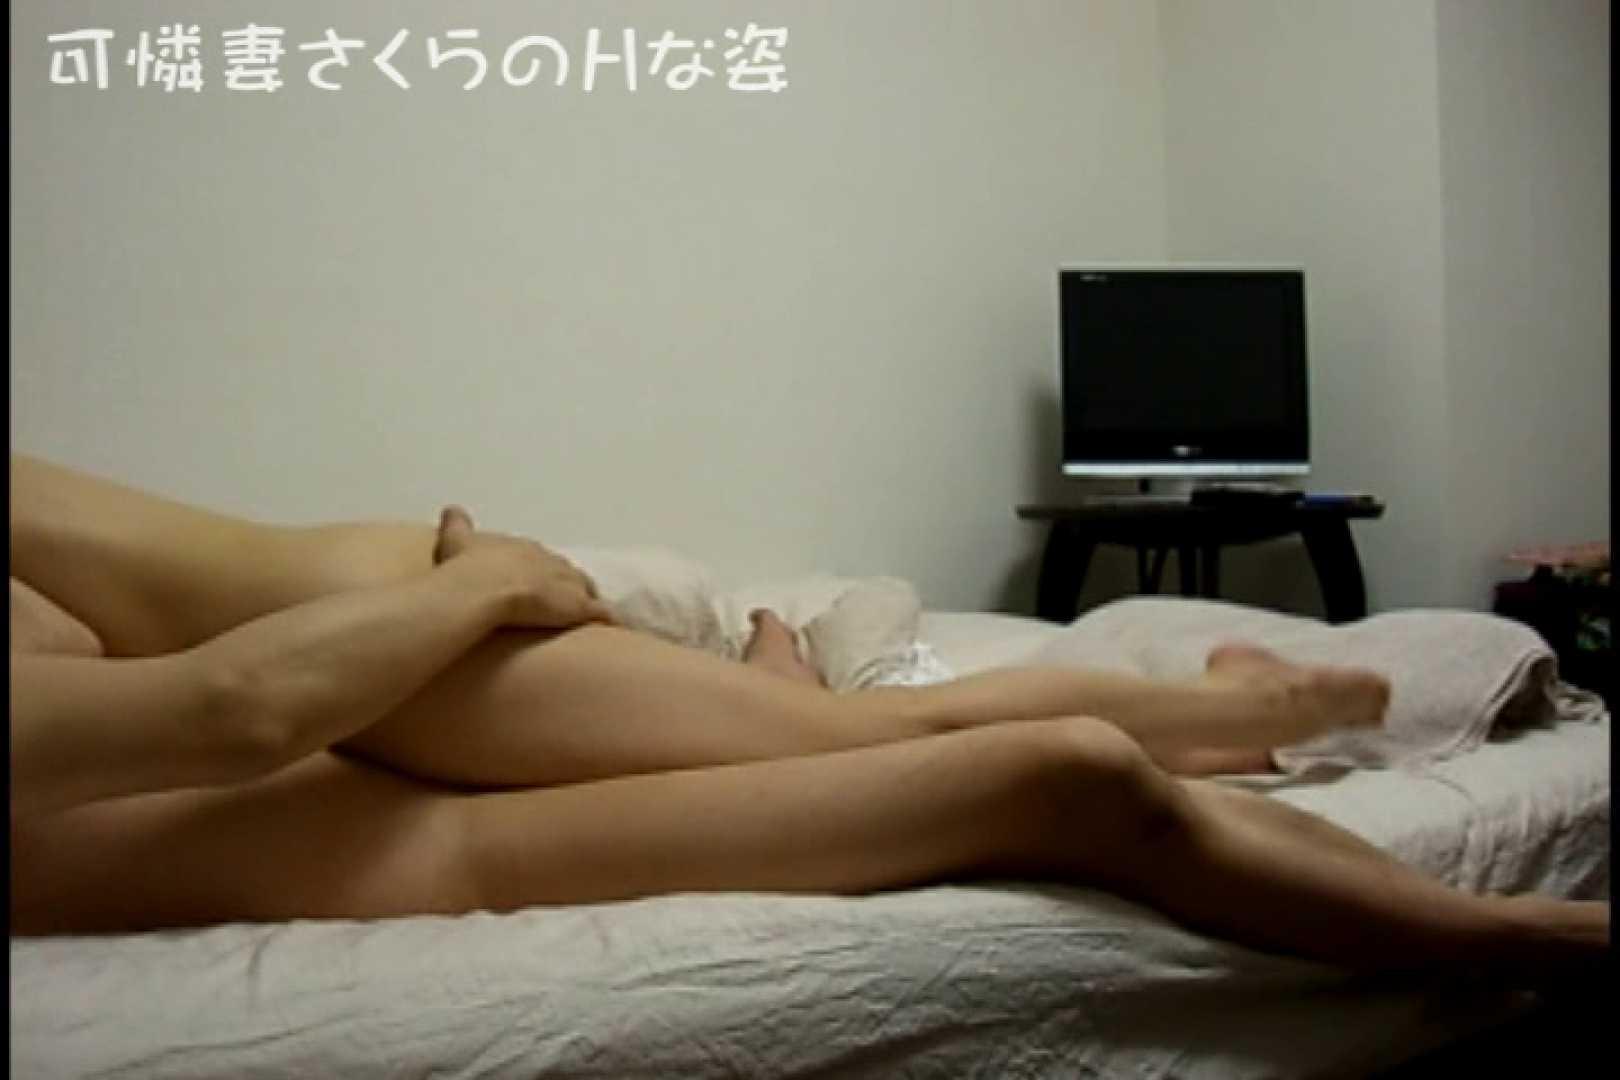 可憐妻さくらのHな姿vol.4後編 エッチな熟女 | セックス映像  77pic 55